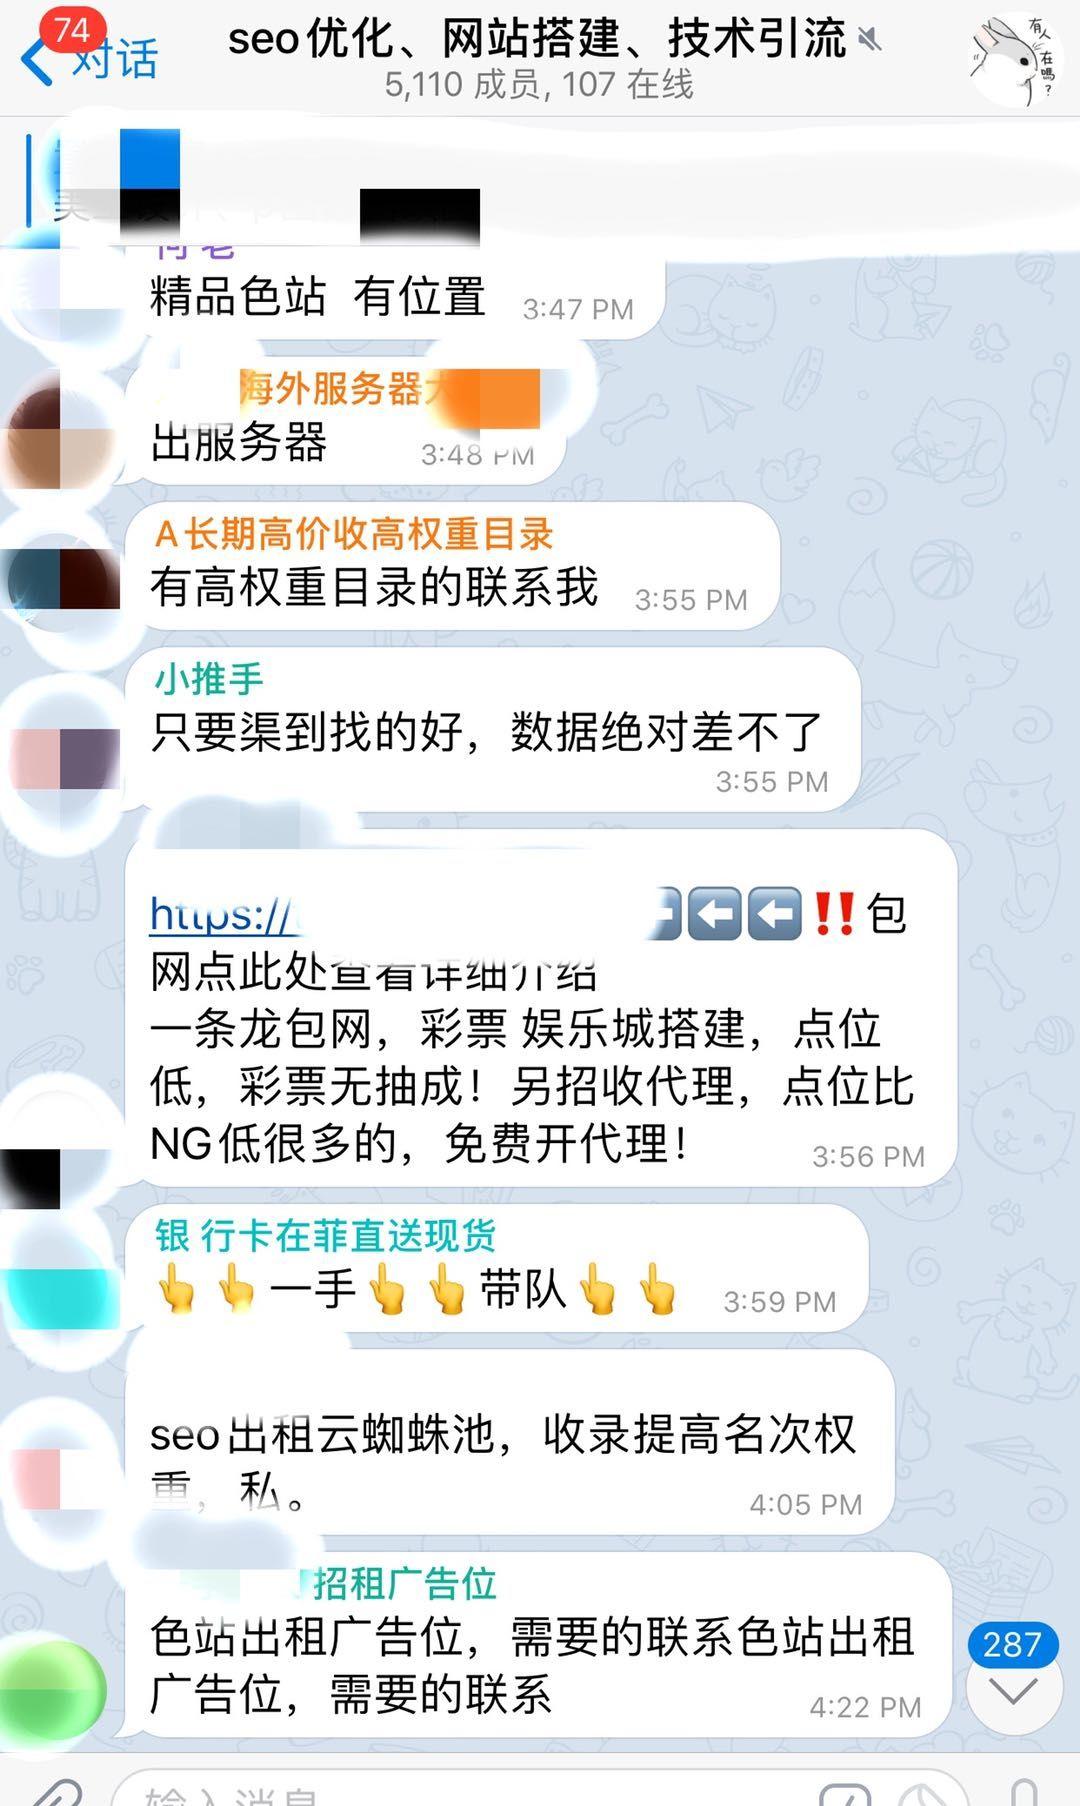 Telegram平台上聚集着各种黑灰产人士。聊天截图